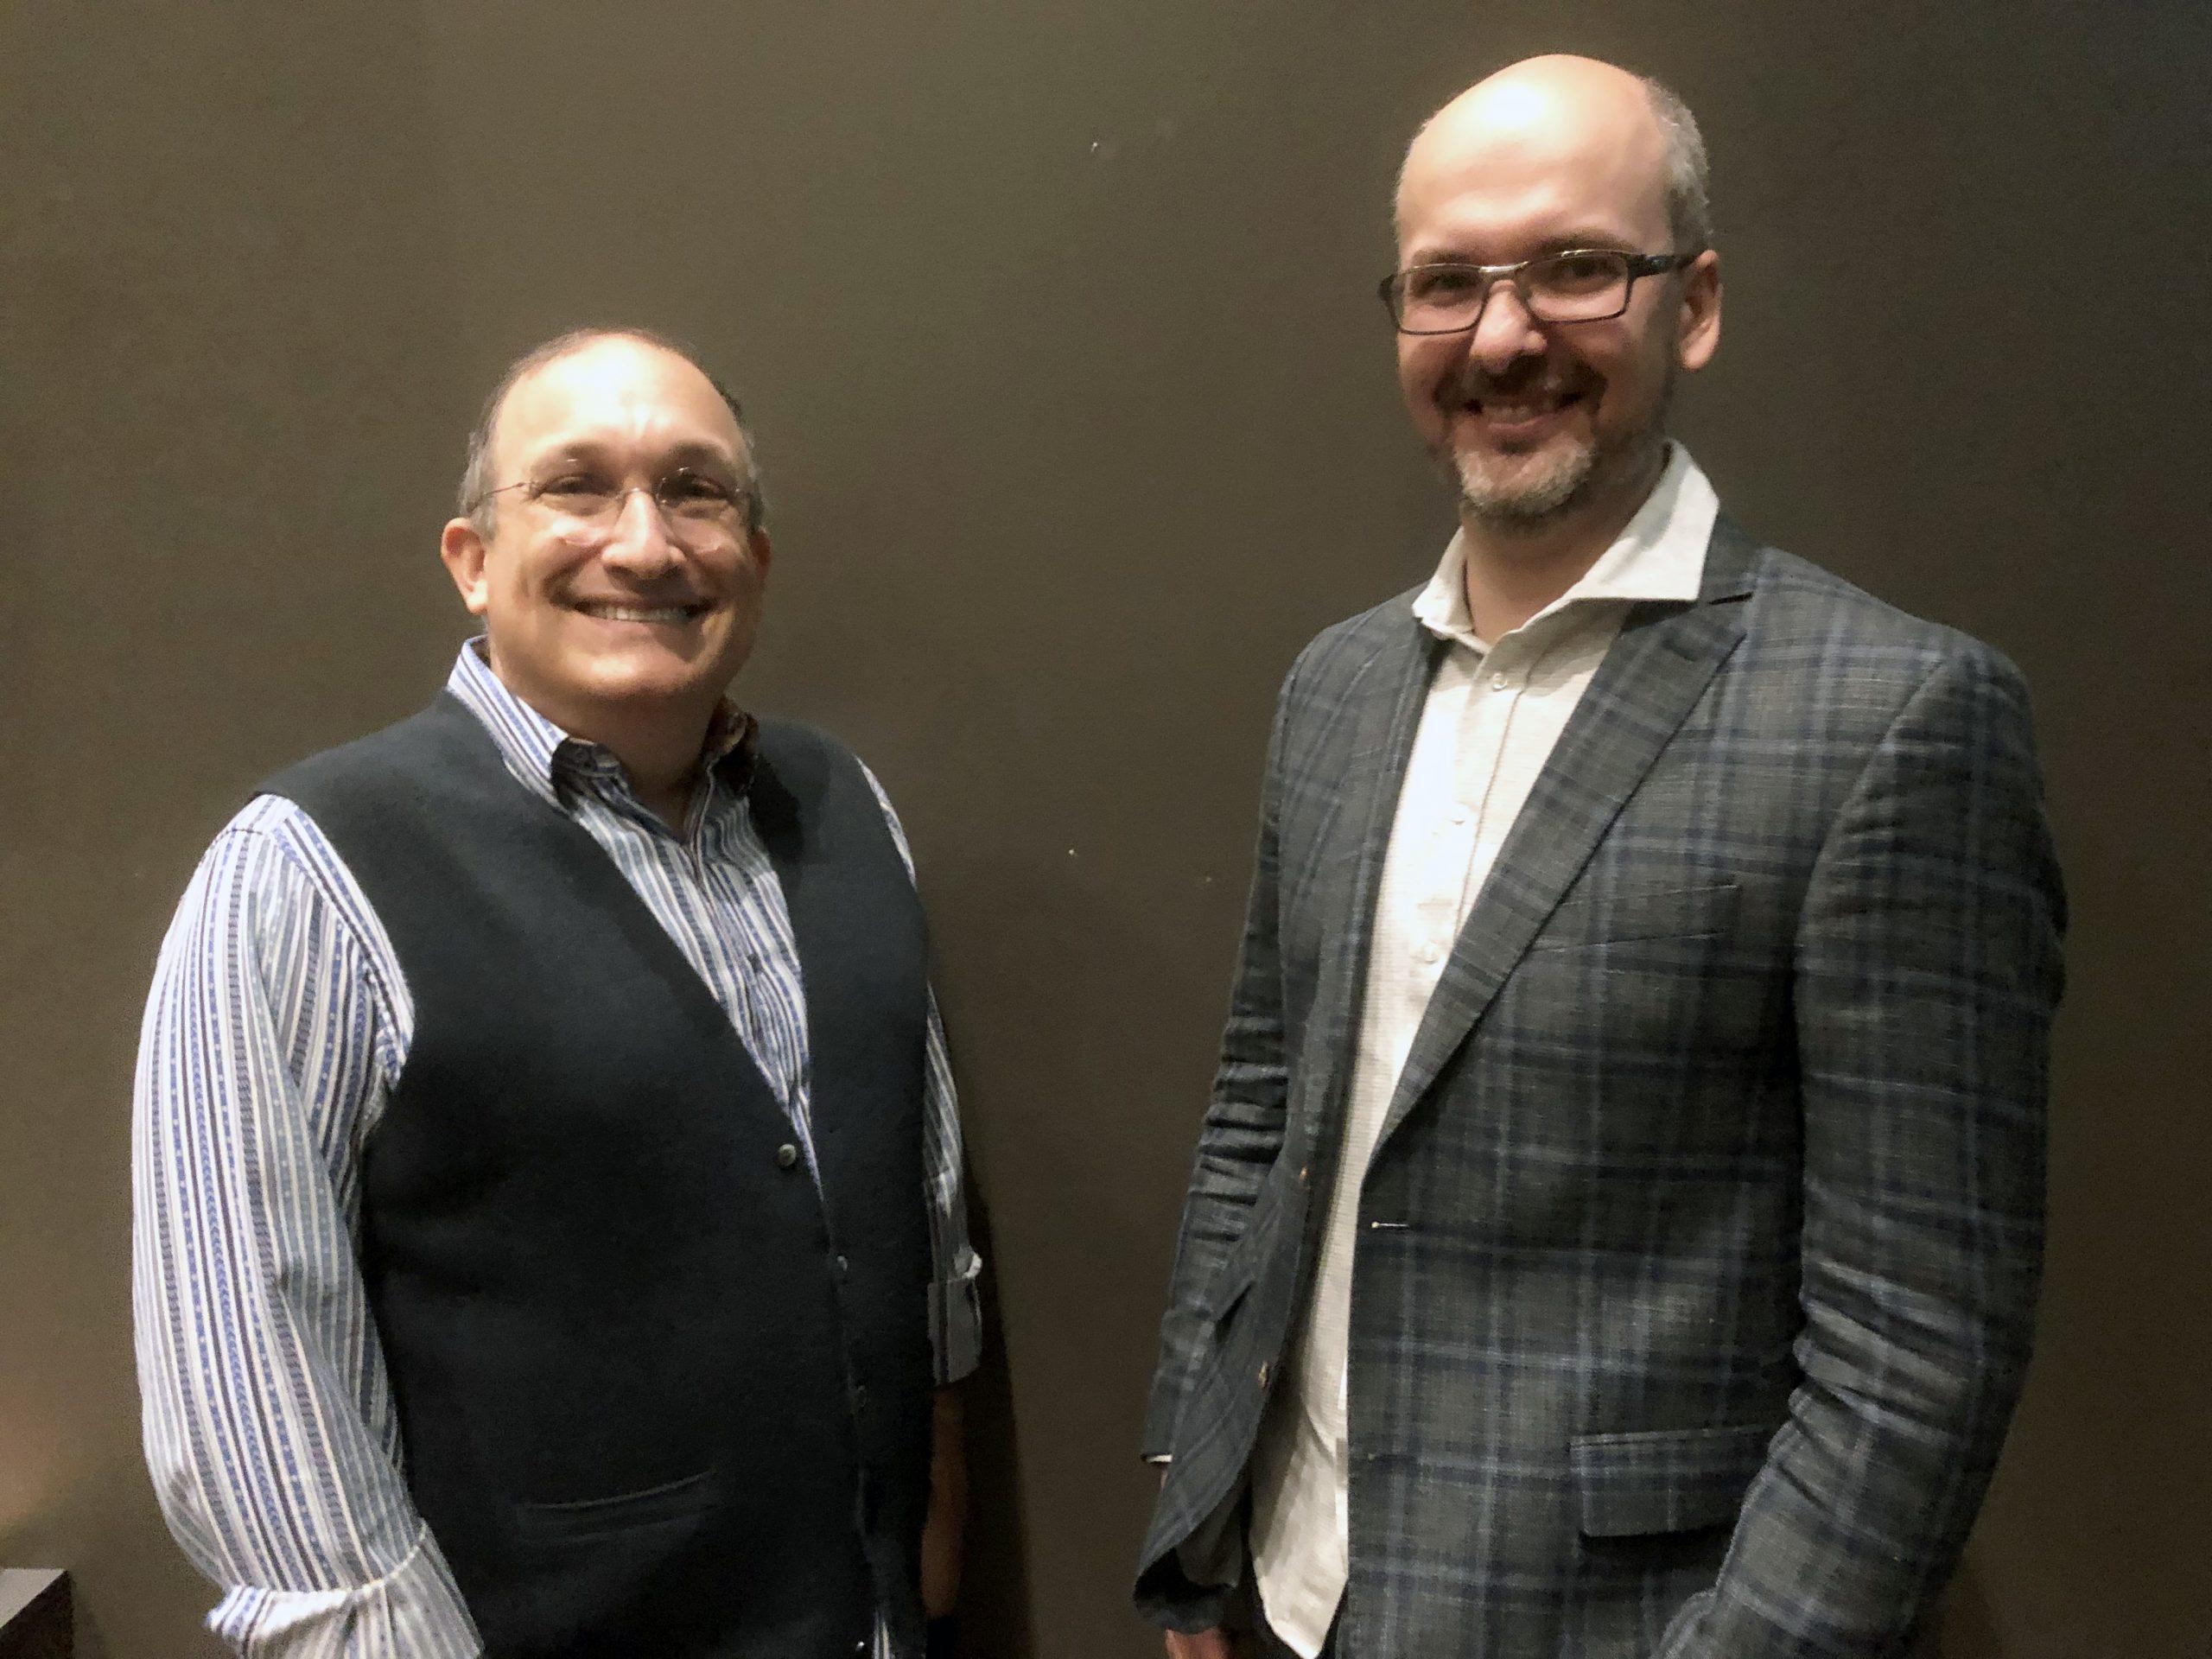 Martin Aasen Wright intervjuer Scott Yaruss om livet med stamming for Norsk interesseforening for stamming og løpsk tale (NIFS)